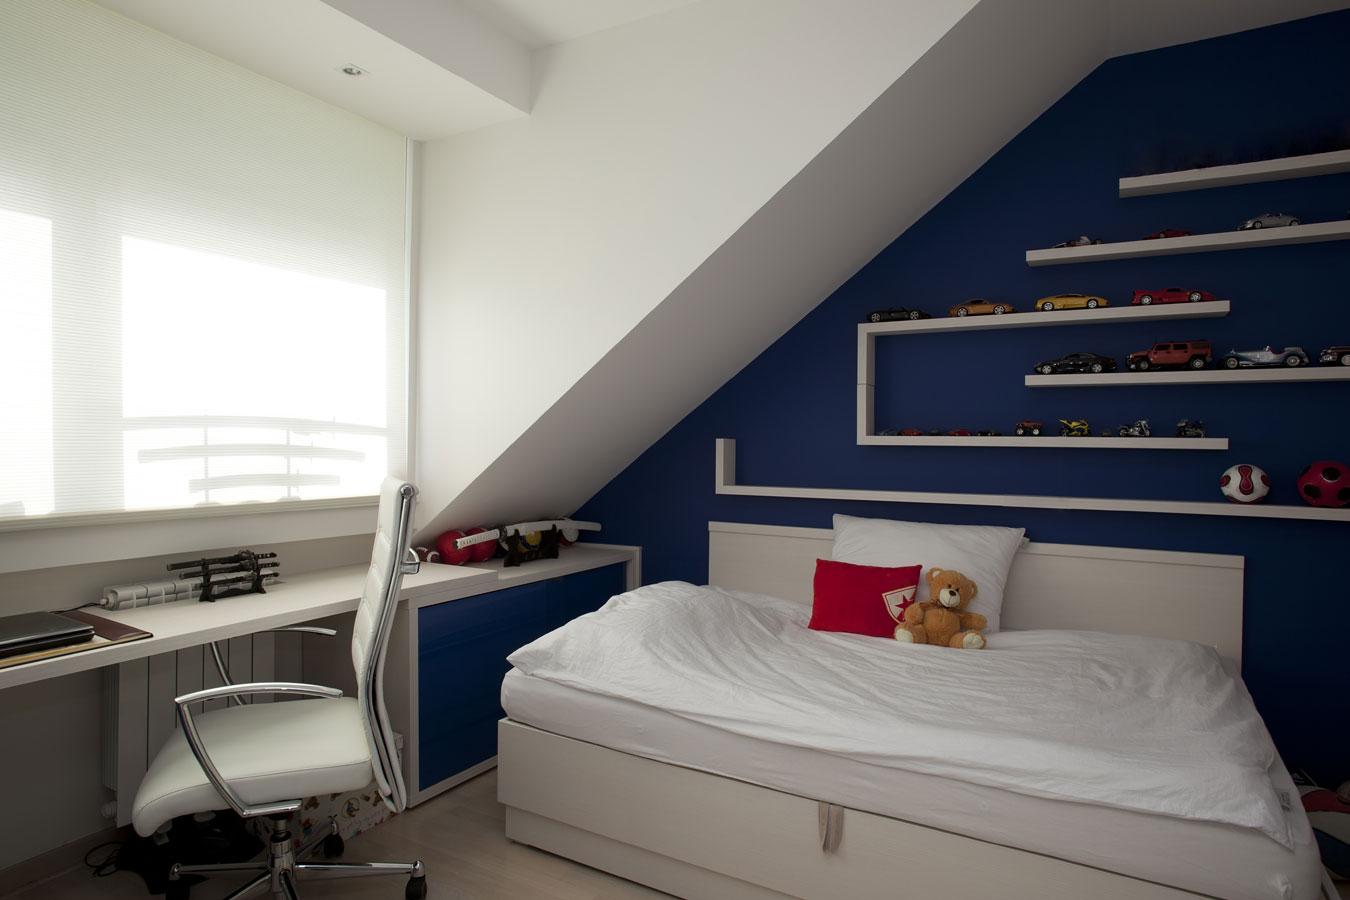 Zolder verbouwen tips inspiratie verbouwde zolders - Een kamer op de zolder voorzien ...